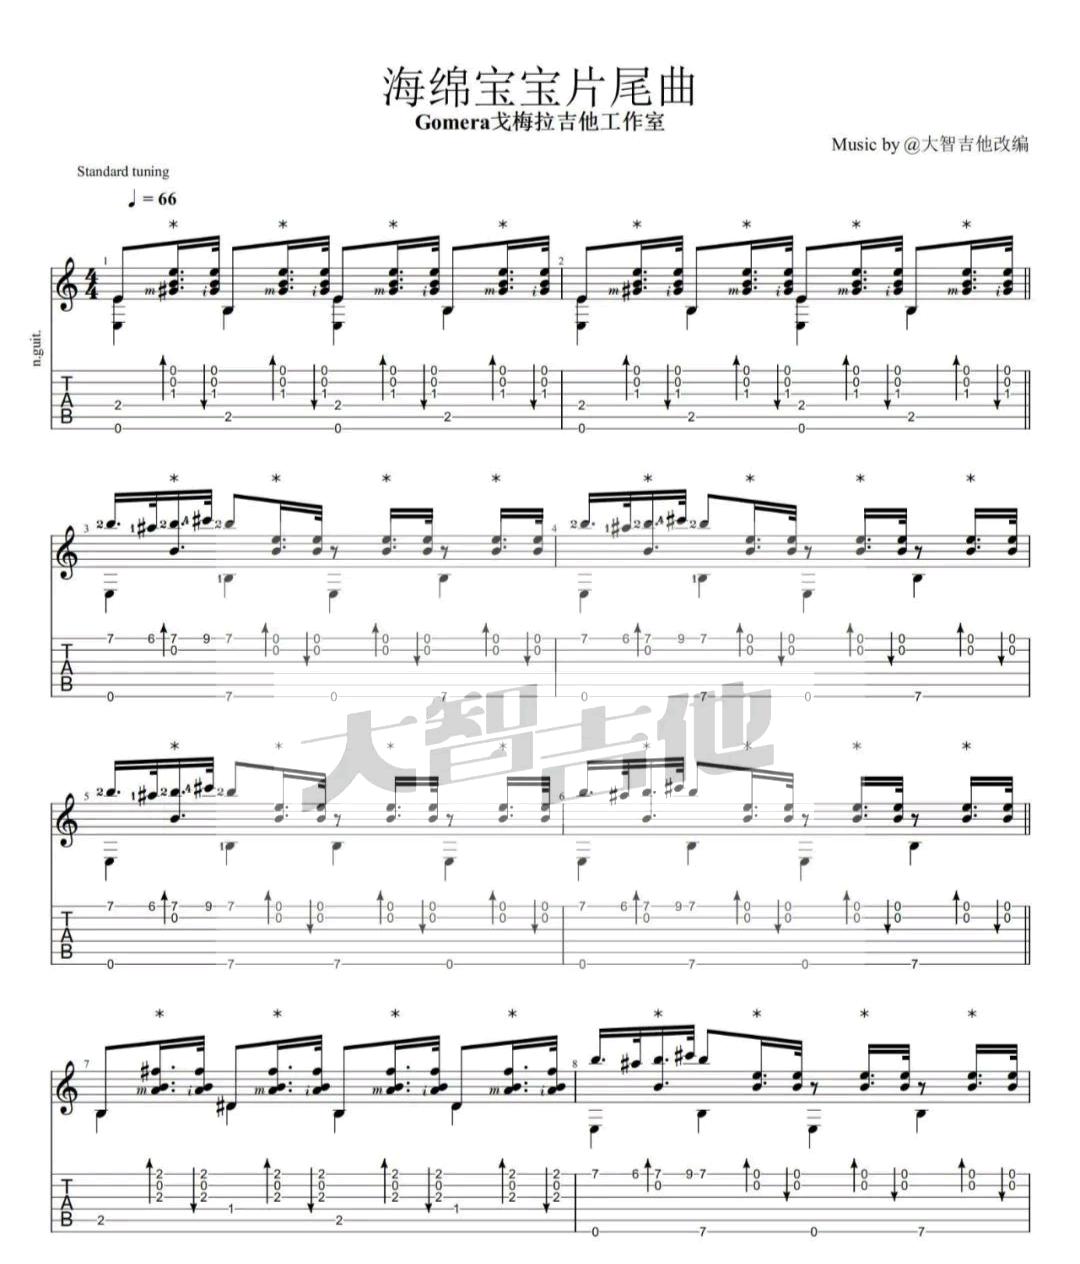 海绵宝宝片尾曲指弹吉他谱-独奏教学视频-1